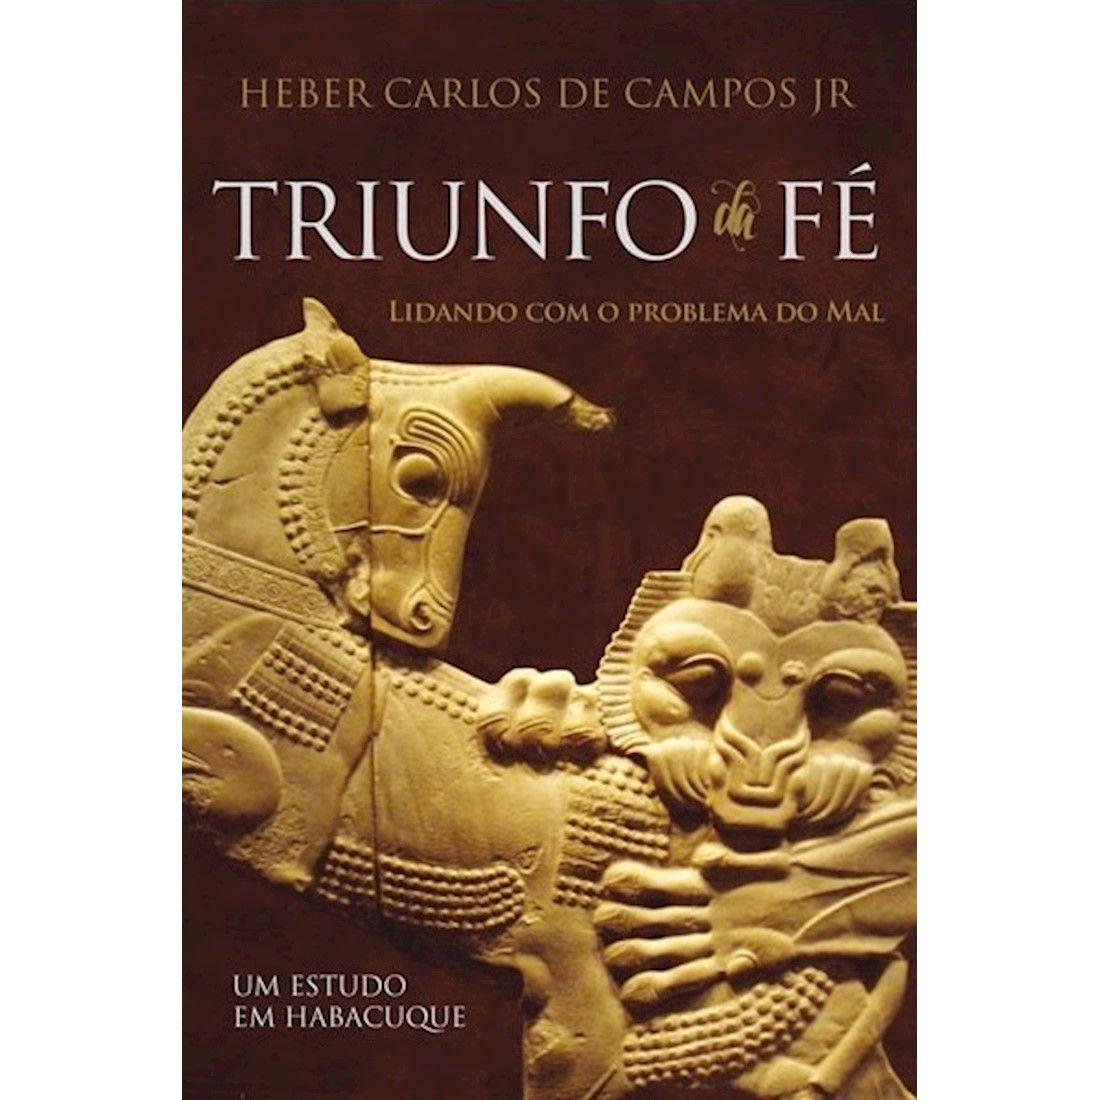 Livro Triunfo da Fé - Um Estudo em Habacuque